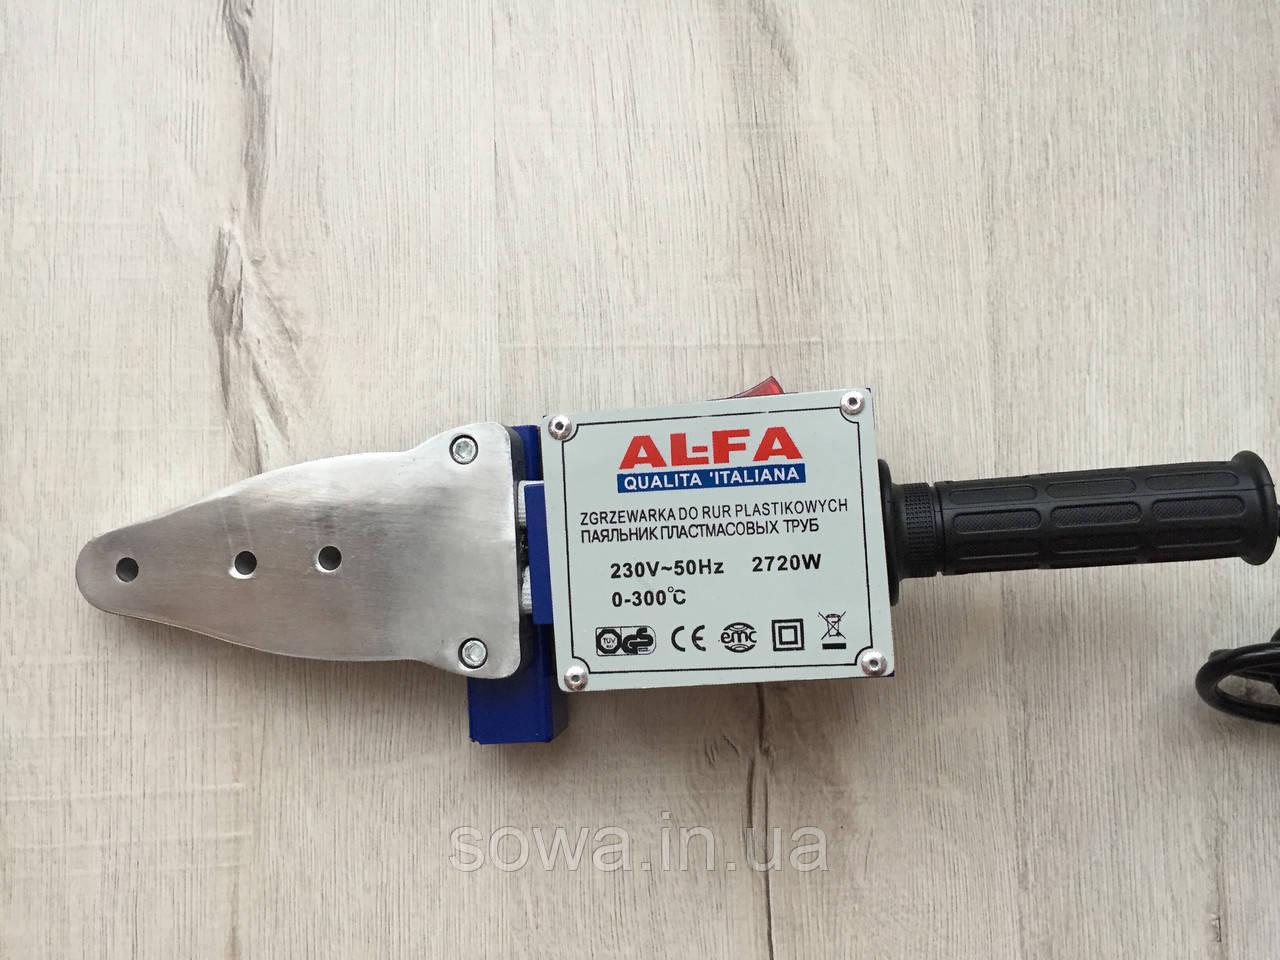 ✔️ Паяльник для пластиковых труб Al-Fa LPW02